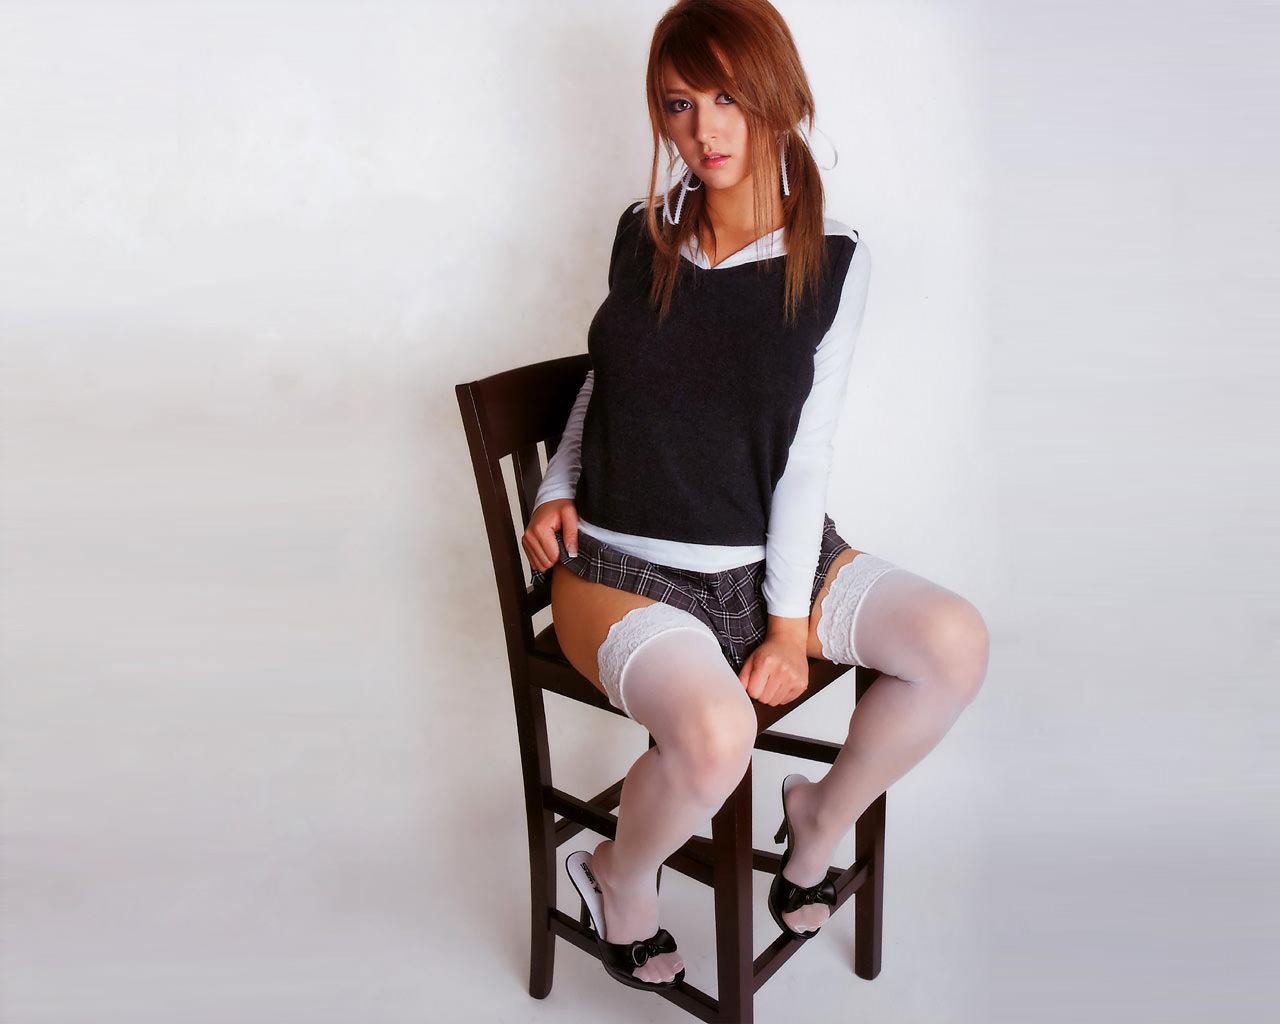 Фото японка в мини юбке 27 фотография